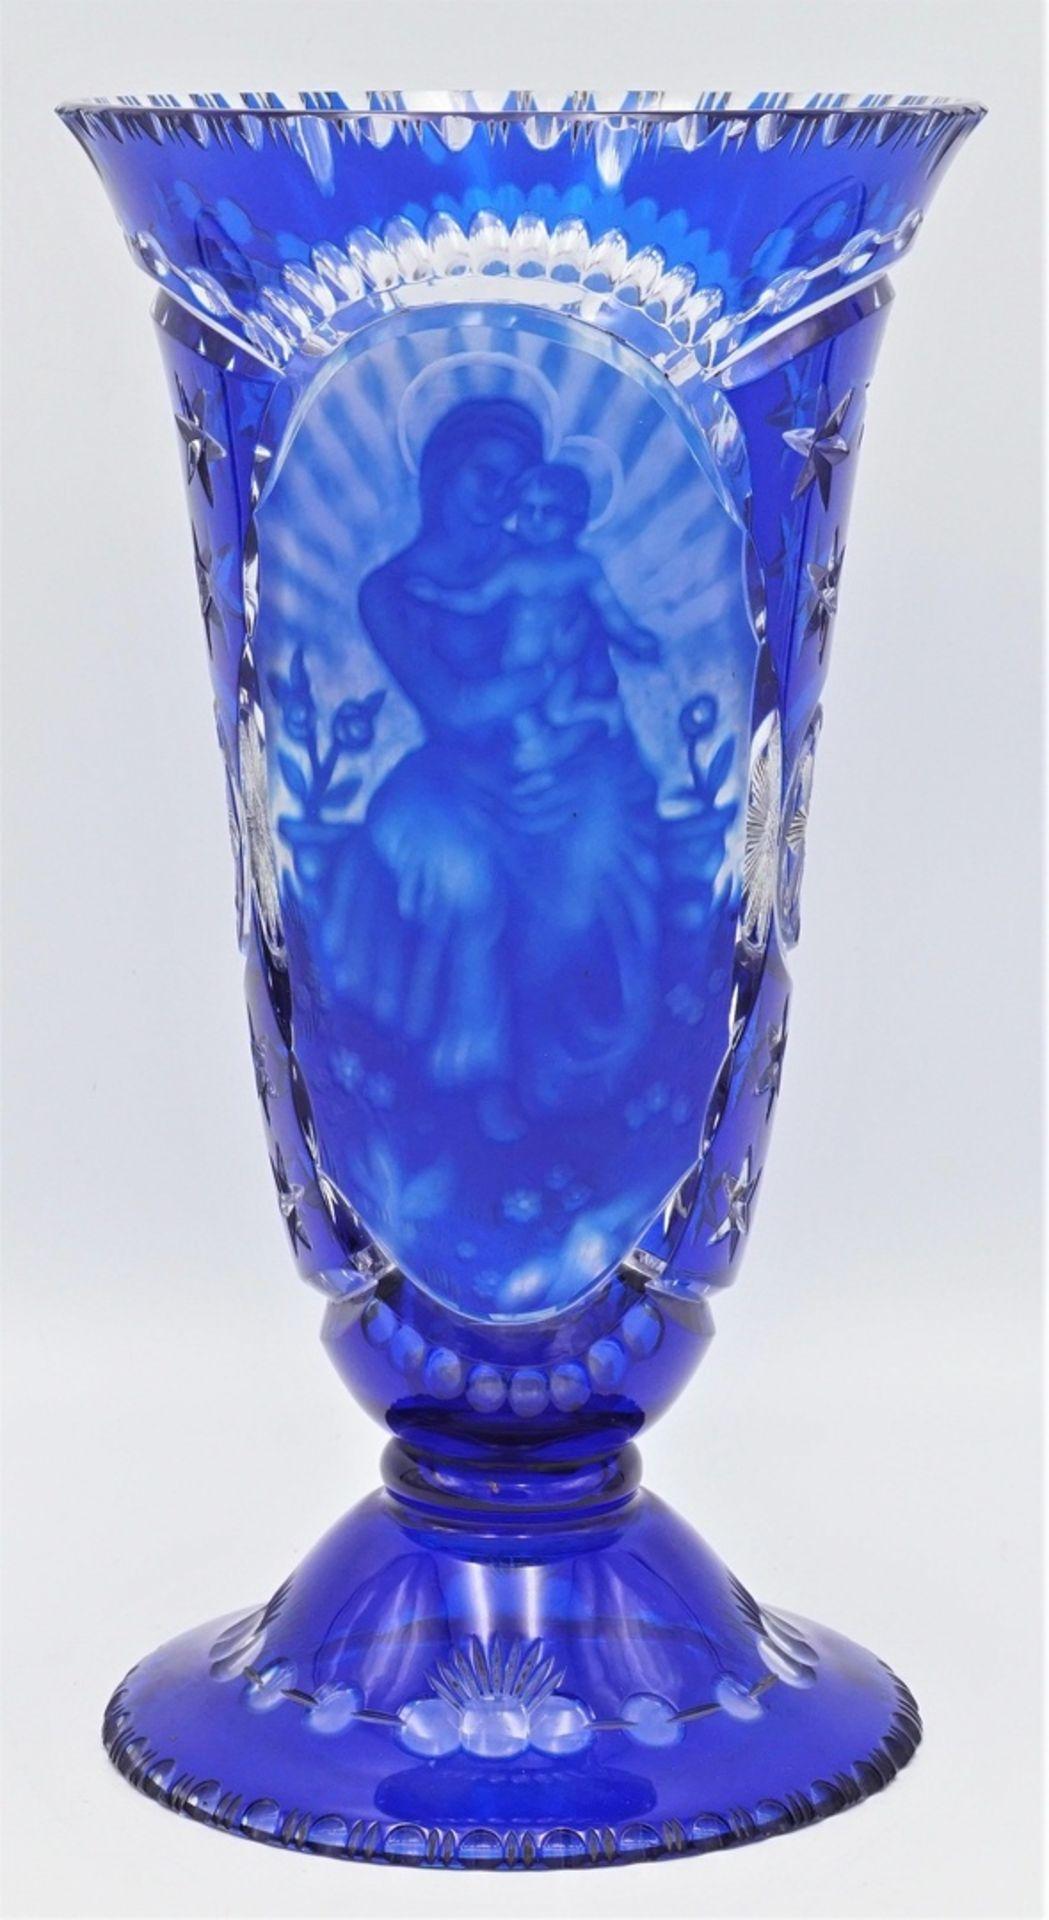 Vase mit religiösen Darstellungen - Bild 2 aus 4